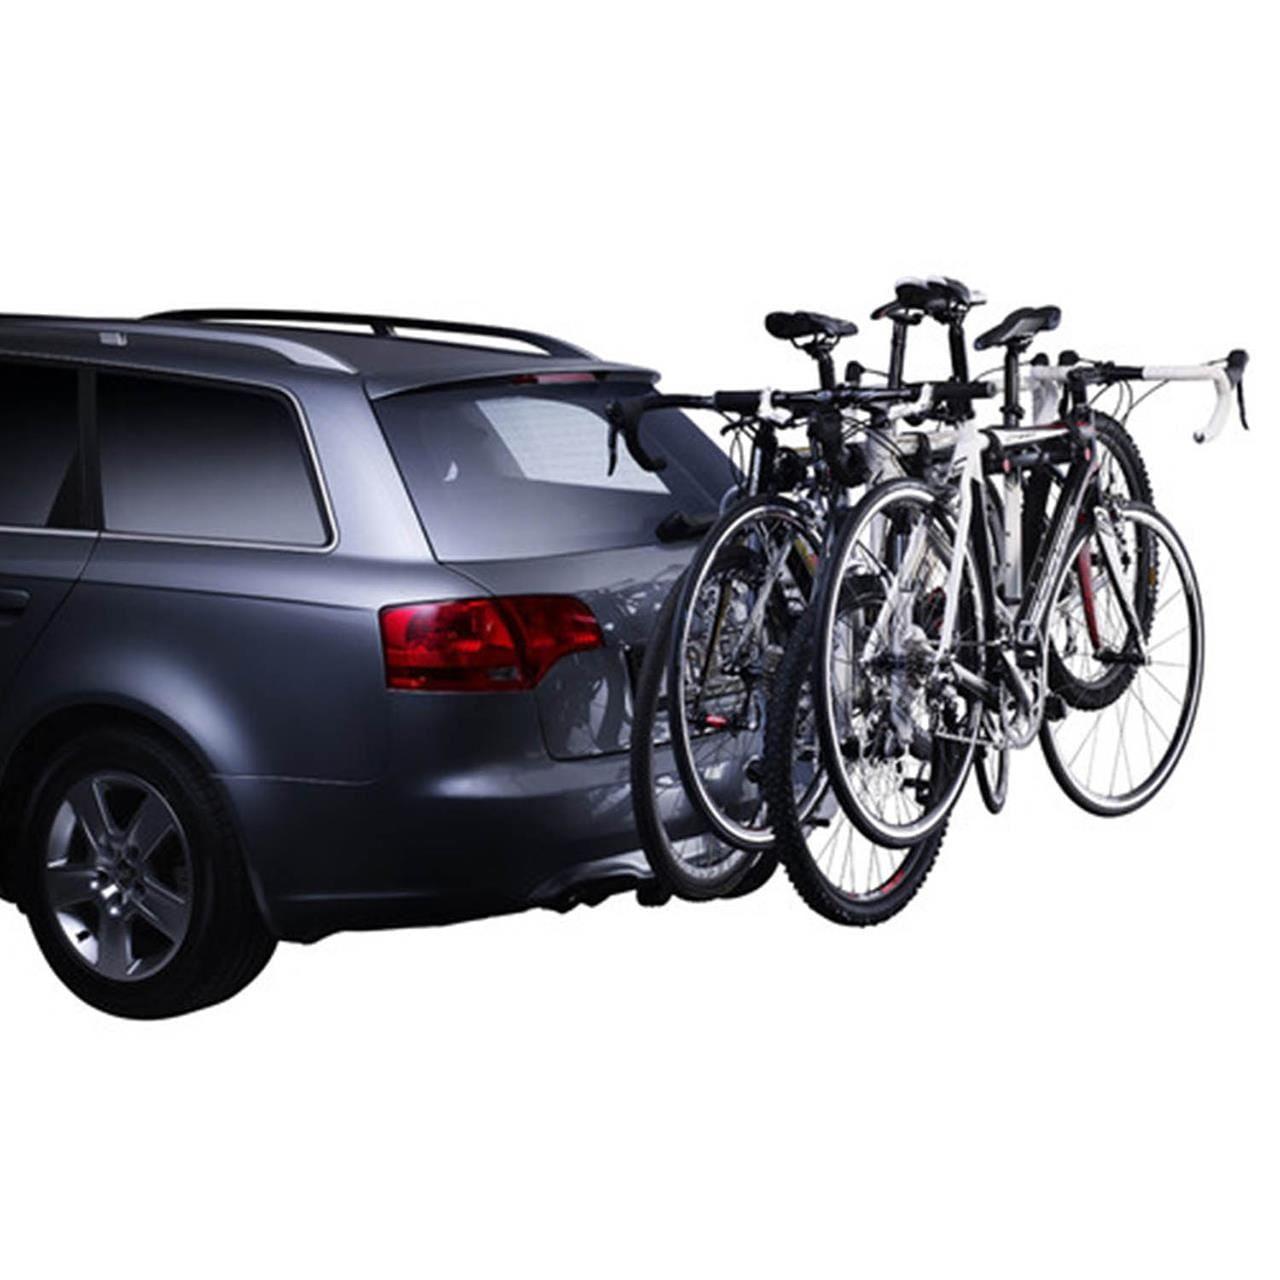 Suport biciclete Thule HangOn 9708 cu prindere pe carligul de remorcare pentru 4 biciclete 2